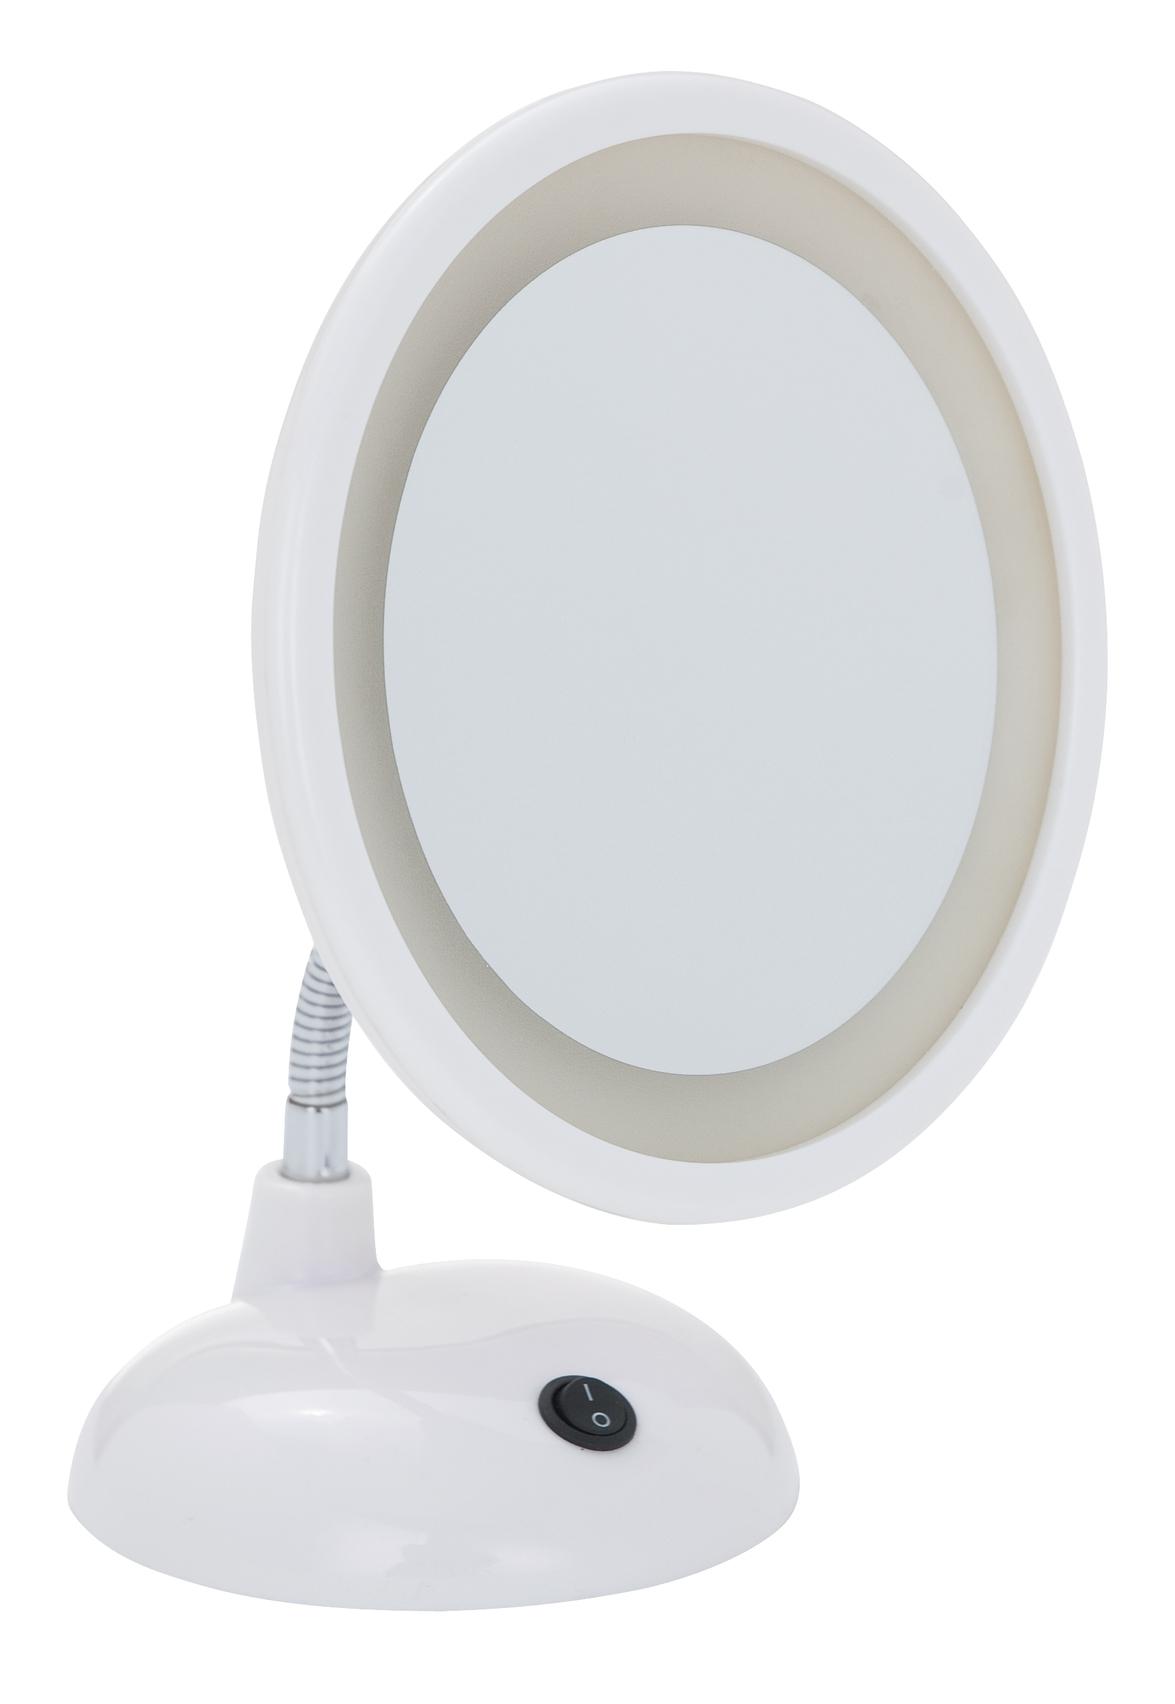 Oglinda cosmetica de masa, cu LED, Style Alb, Ø16xH28 cm imagine